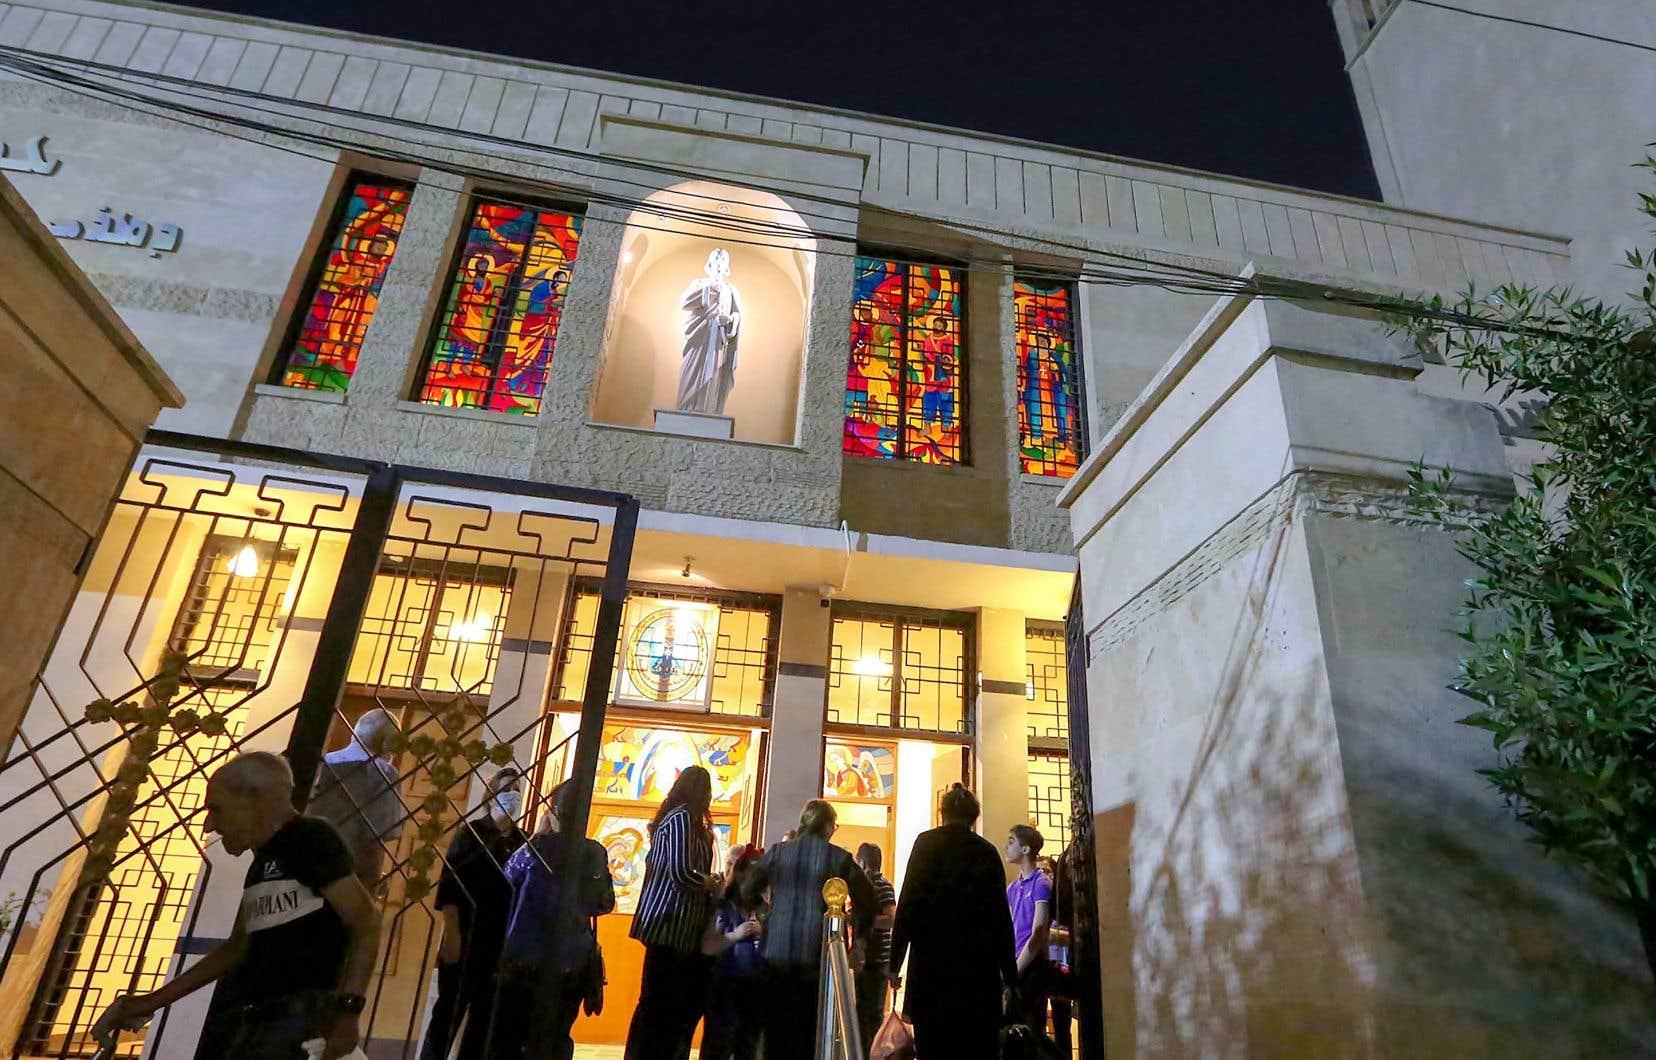 Des fidèles quittaient la cathédrale Saint-Joseph de Bagdad après la messe, au début du mois. Il ne reste que quelques centaines de milliers de chrétiens en Irak depuis l'invasion américaine de 2003 et les années conflits violents entre les communautés religieuses qui ont suivi.